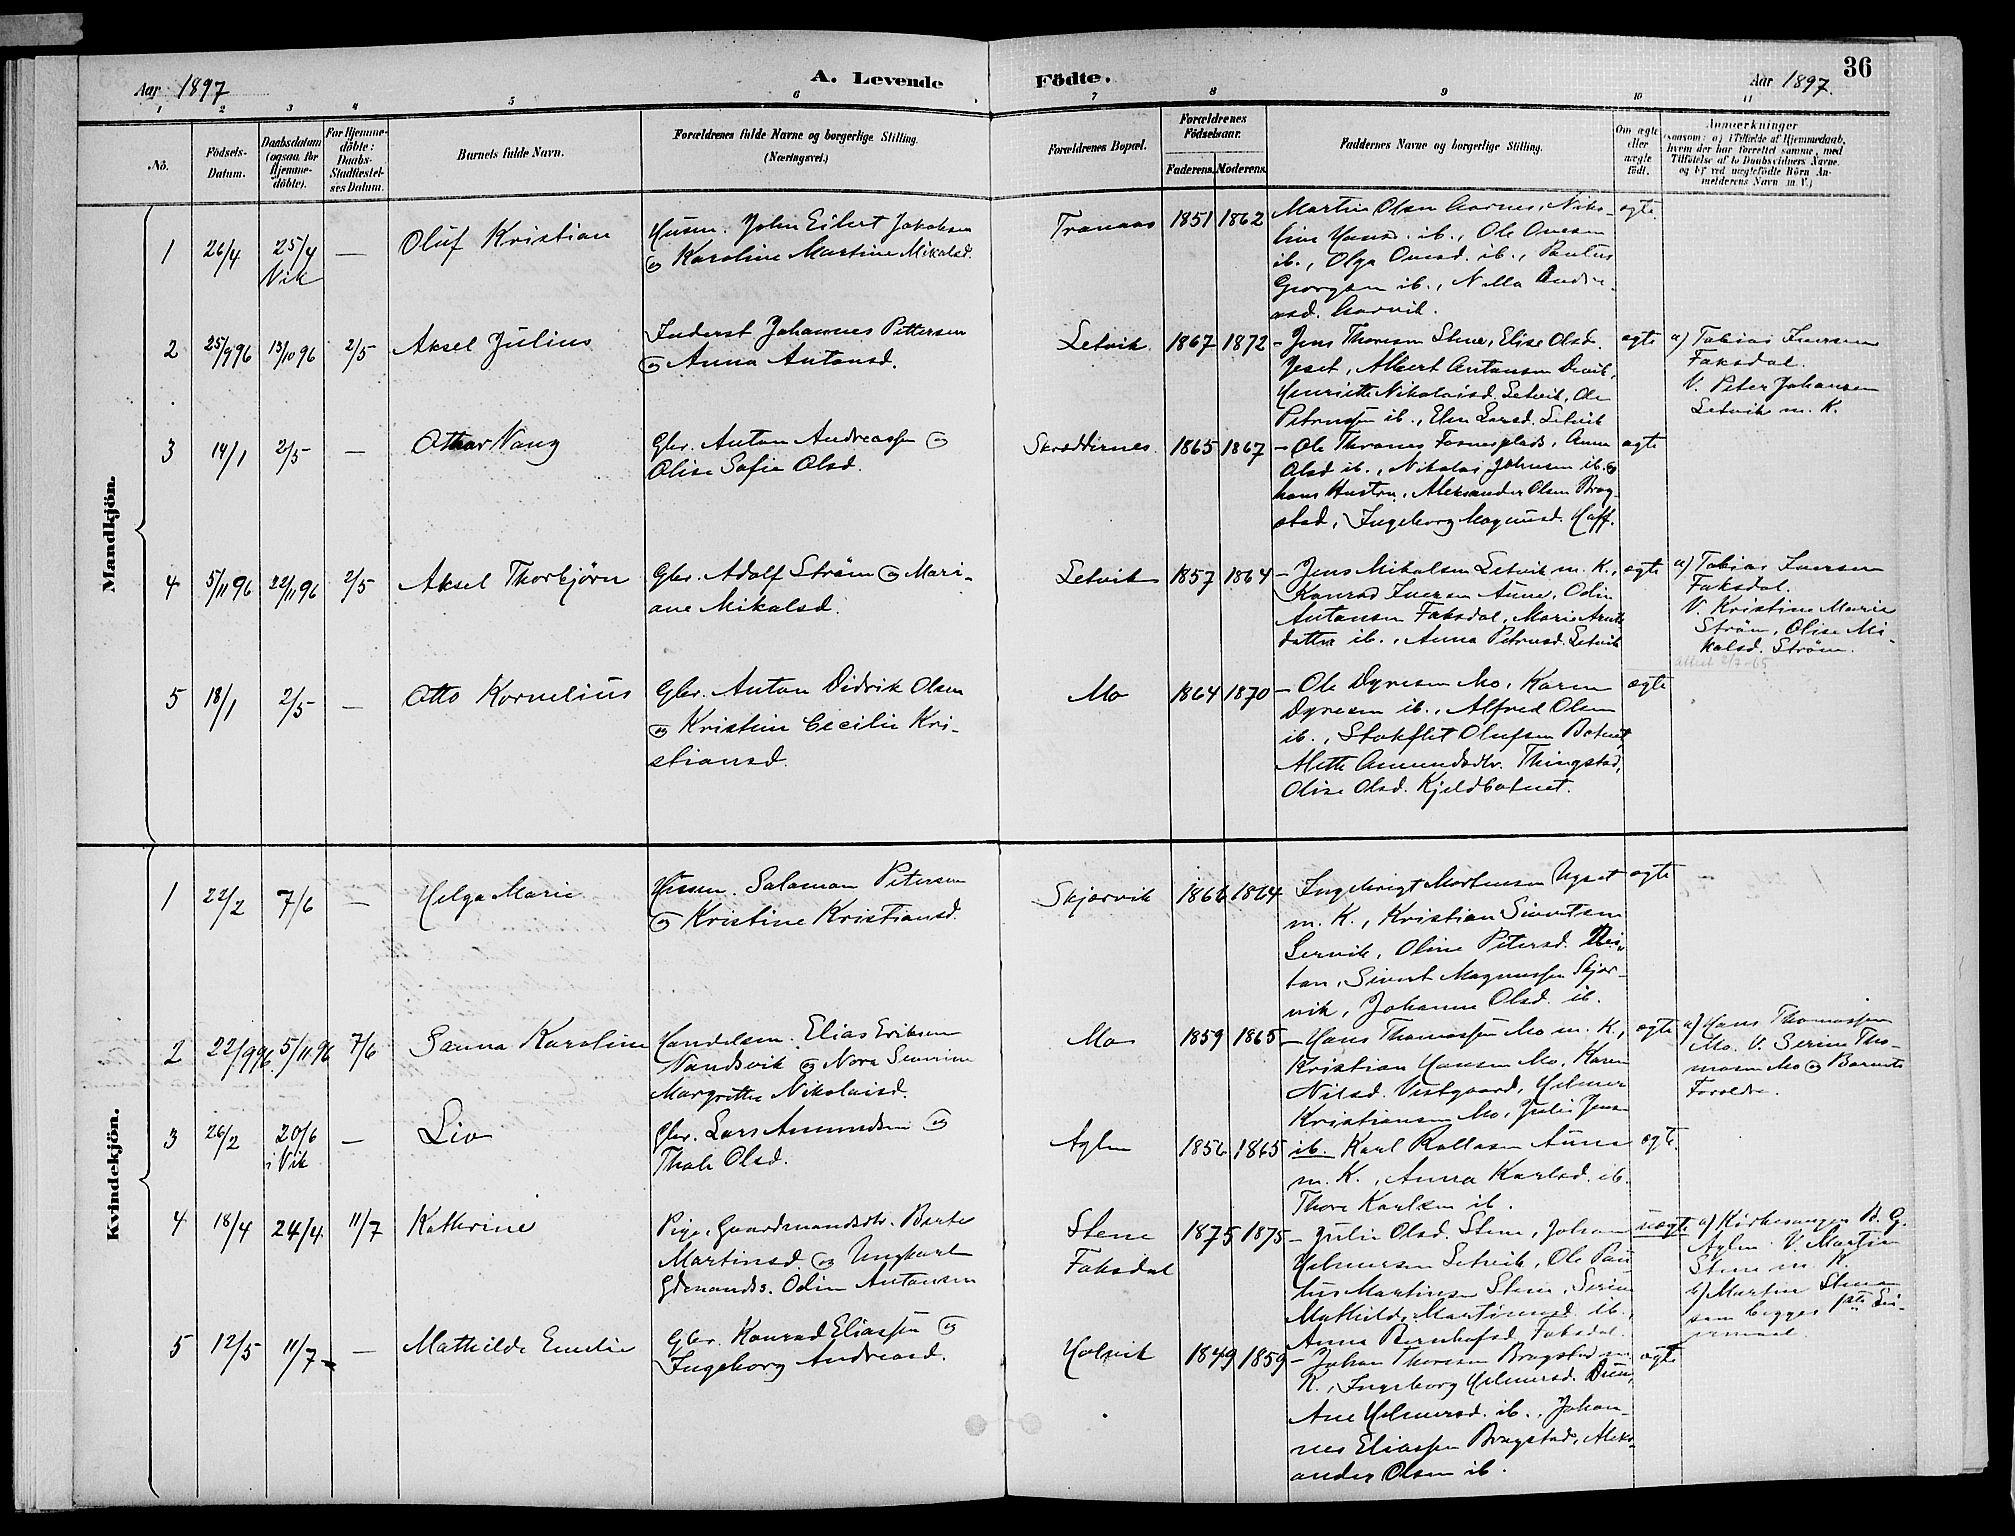 SAT, Ministerialprotokoller, klokkerbøker og fødselsregistre - Nord-Trøndelag, 773/L0617: Ministerialbok nr. 773A08, 1887-1910, s. 36